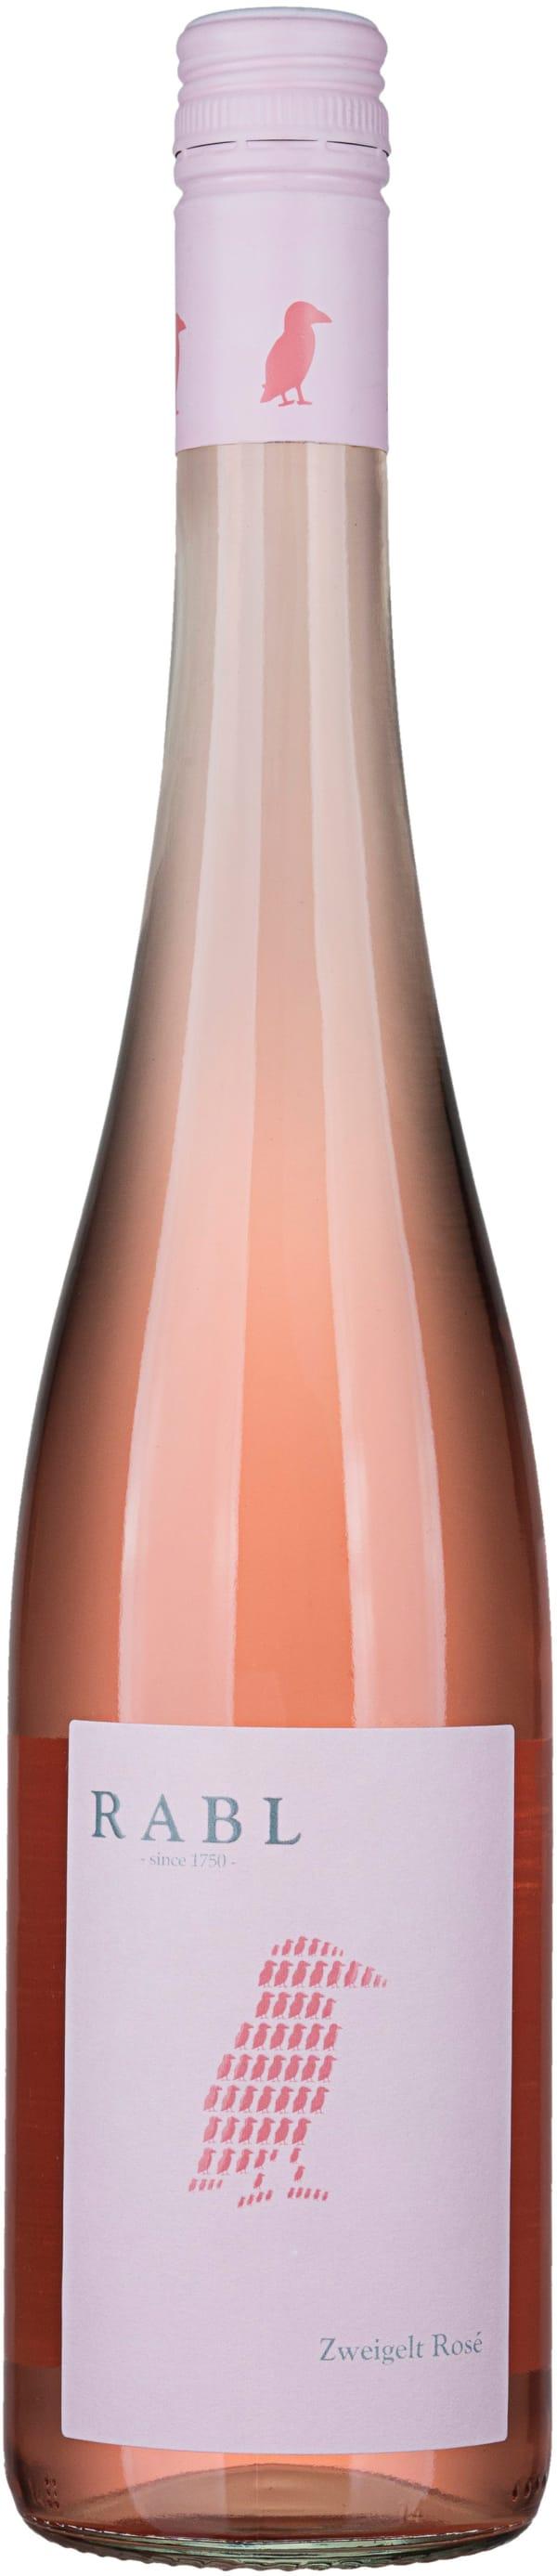 Rabl Zweigelt Rosé 2018